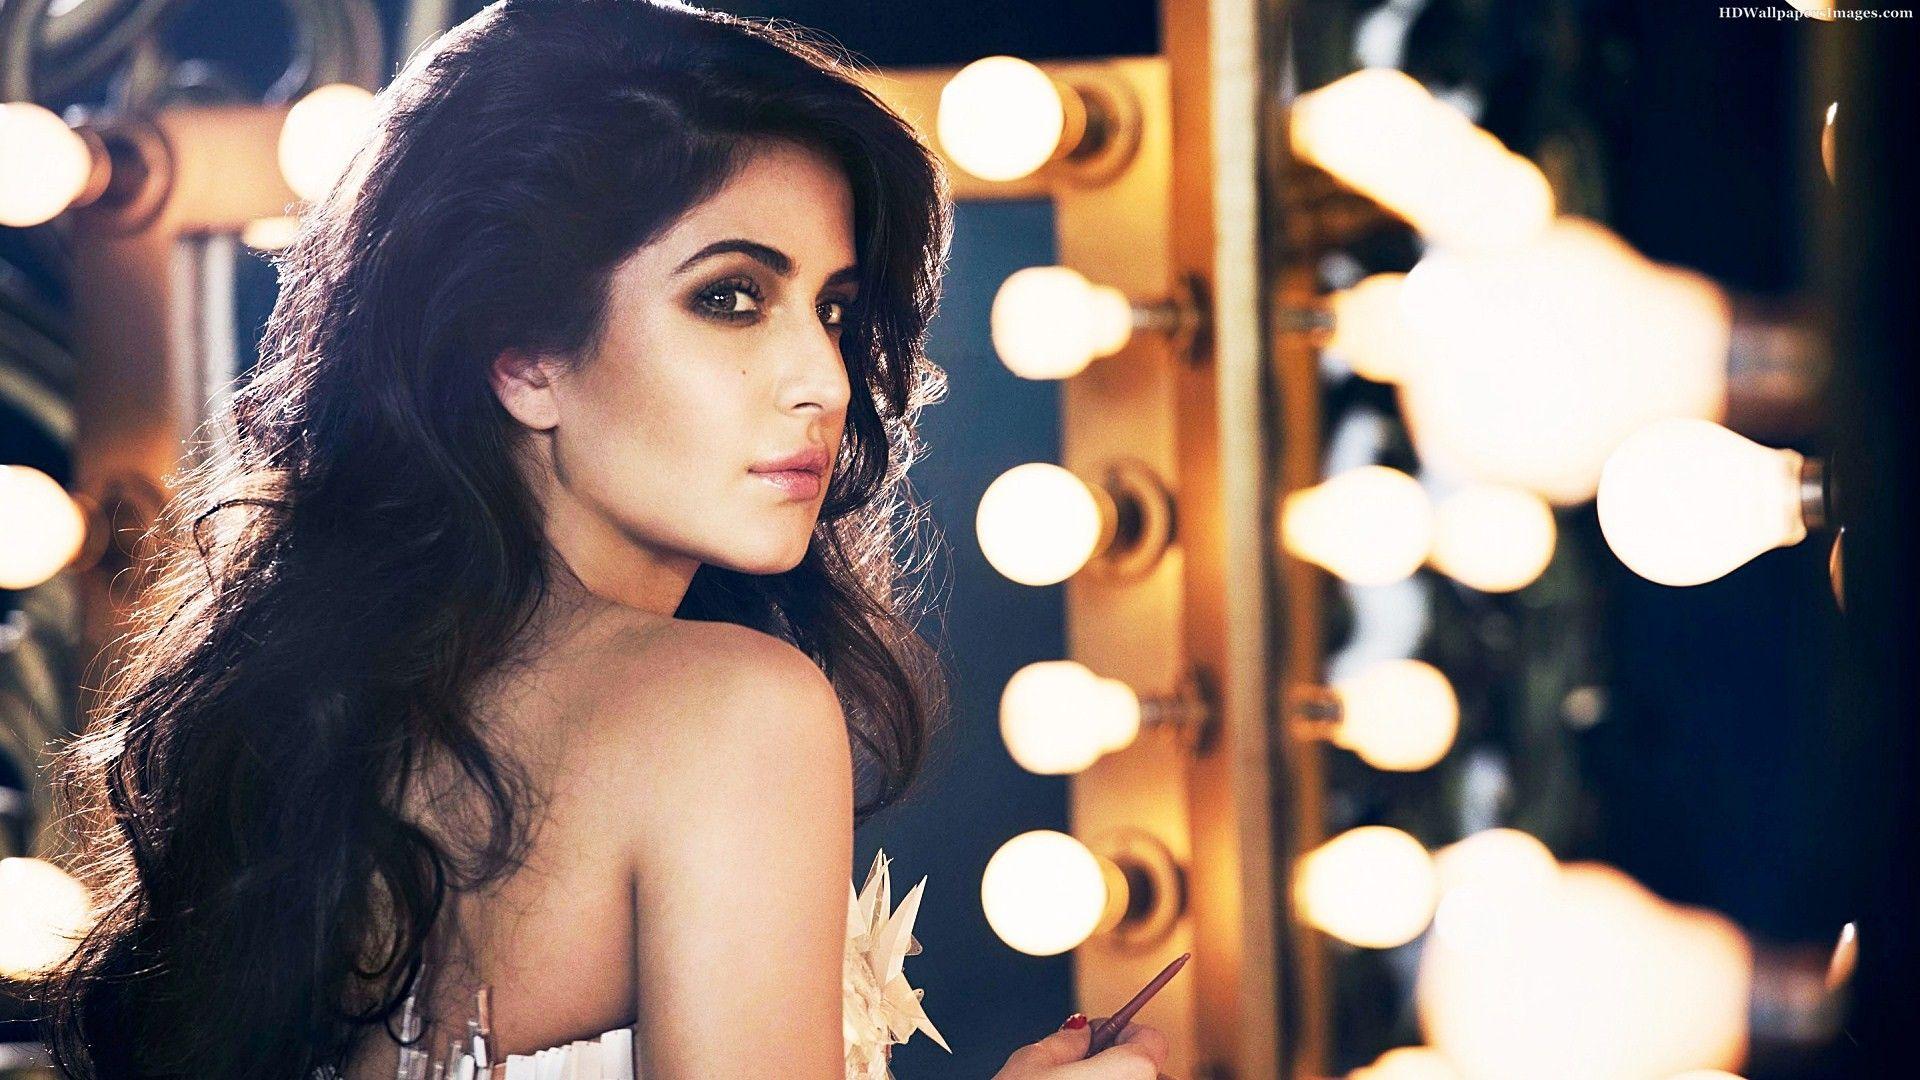 katrinakaif india the most beautifull bollywood actress katrina